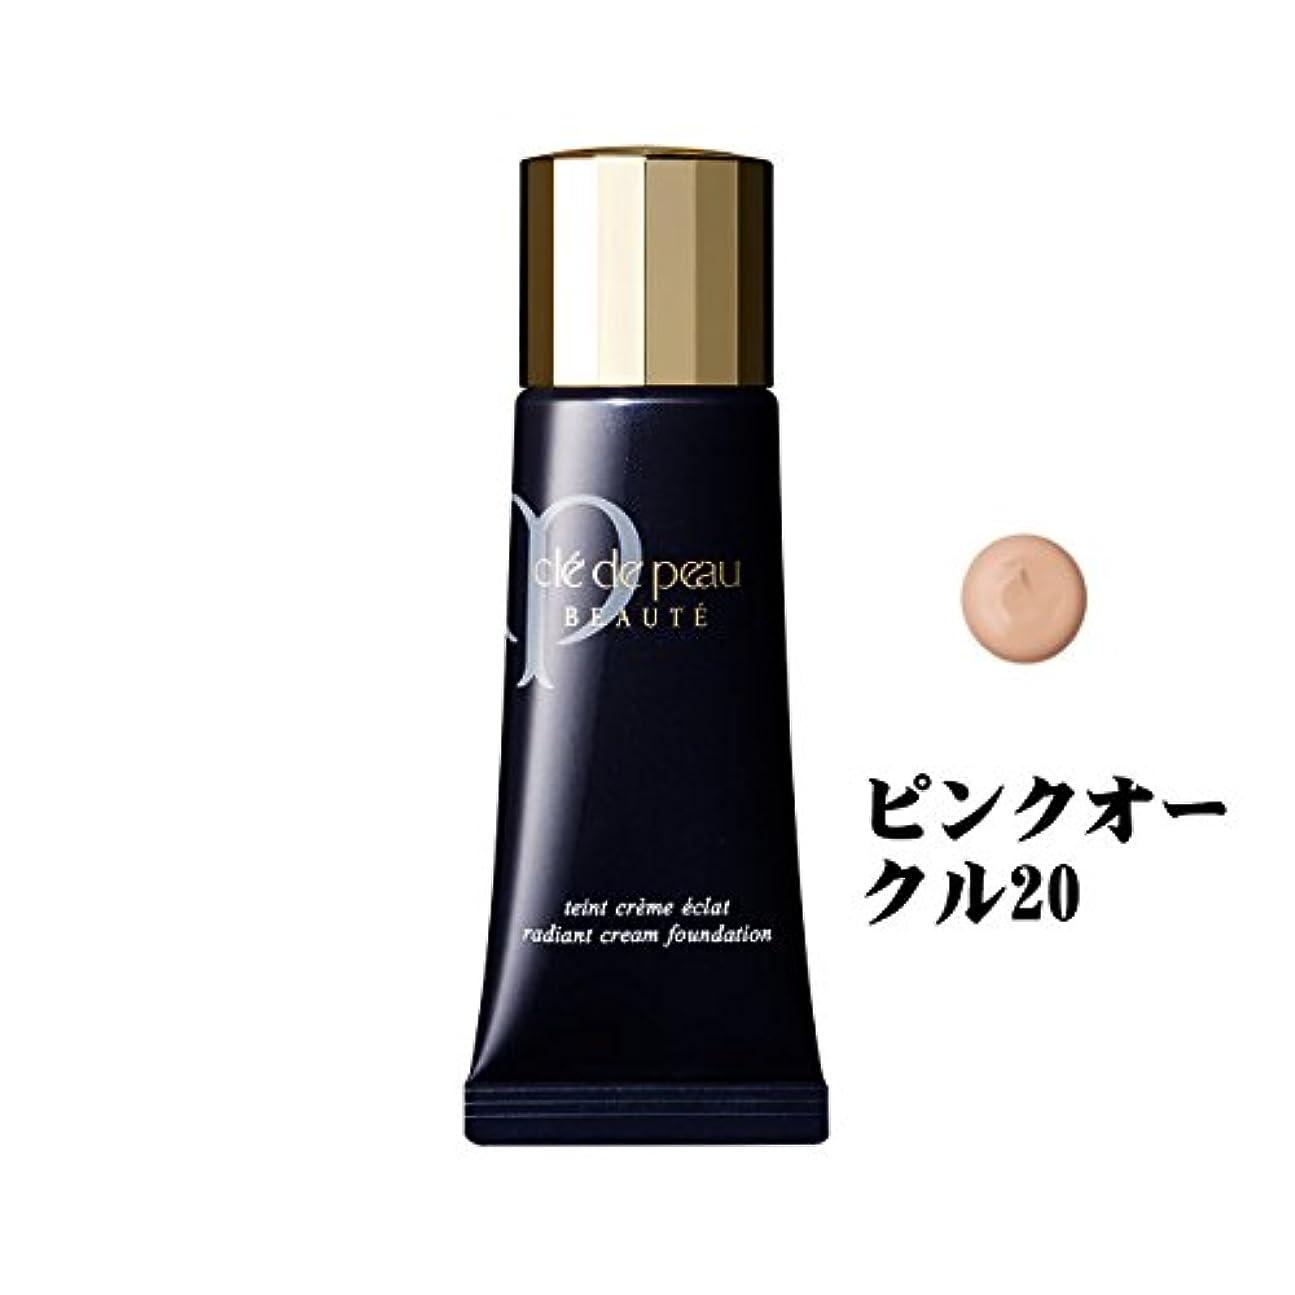 不定海洋の非常に資生堂/shiseido クレドポーボーテ/CPB タンクレームエクラ クリームタイプ SPF25?PA++ ピンクオークル20